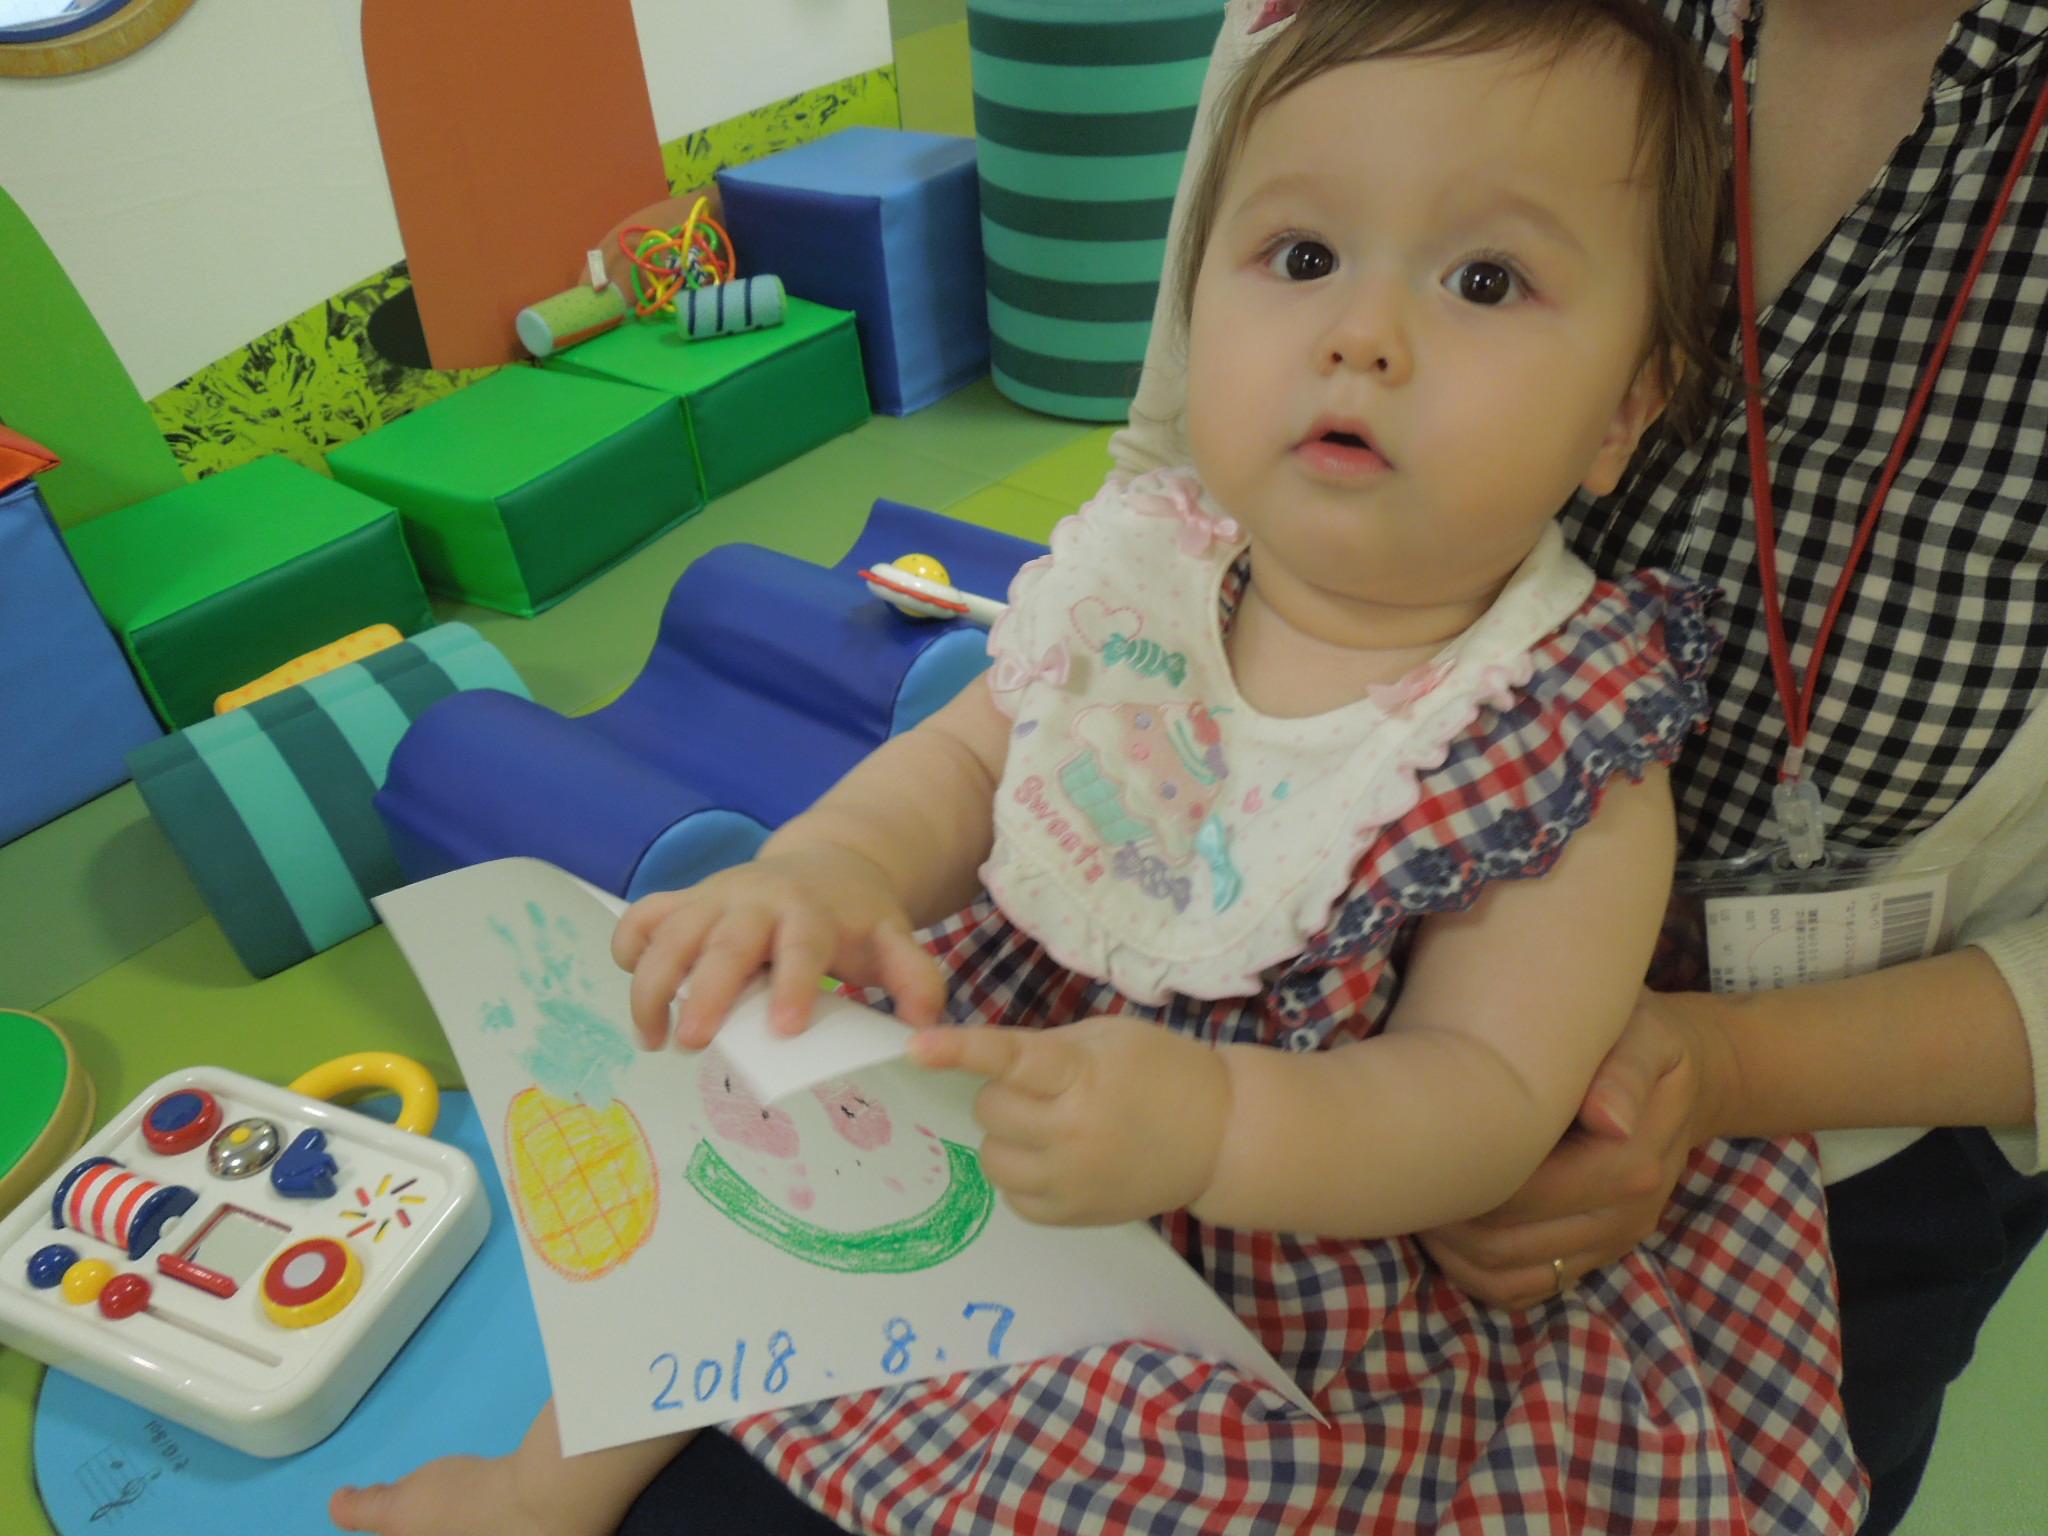 【火・木よう開催!赤ちゃんの日イベント】2/28(木)手形あそび